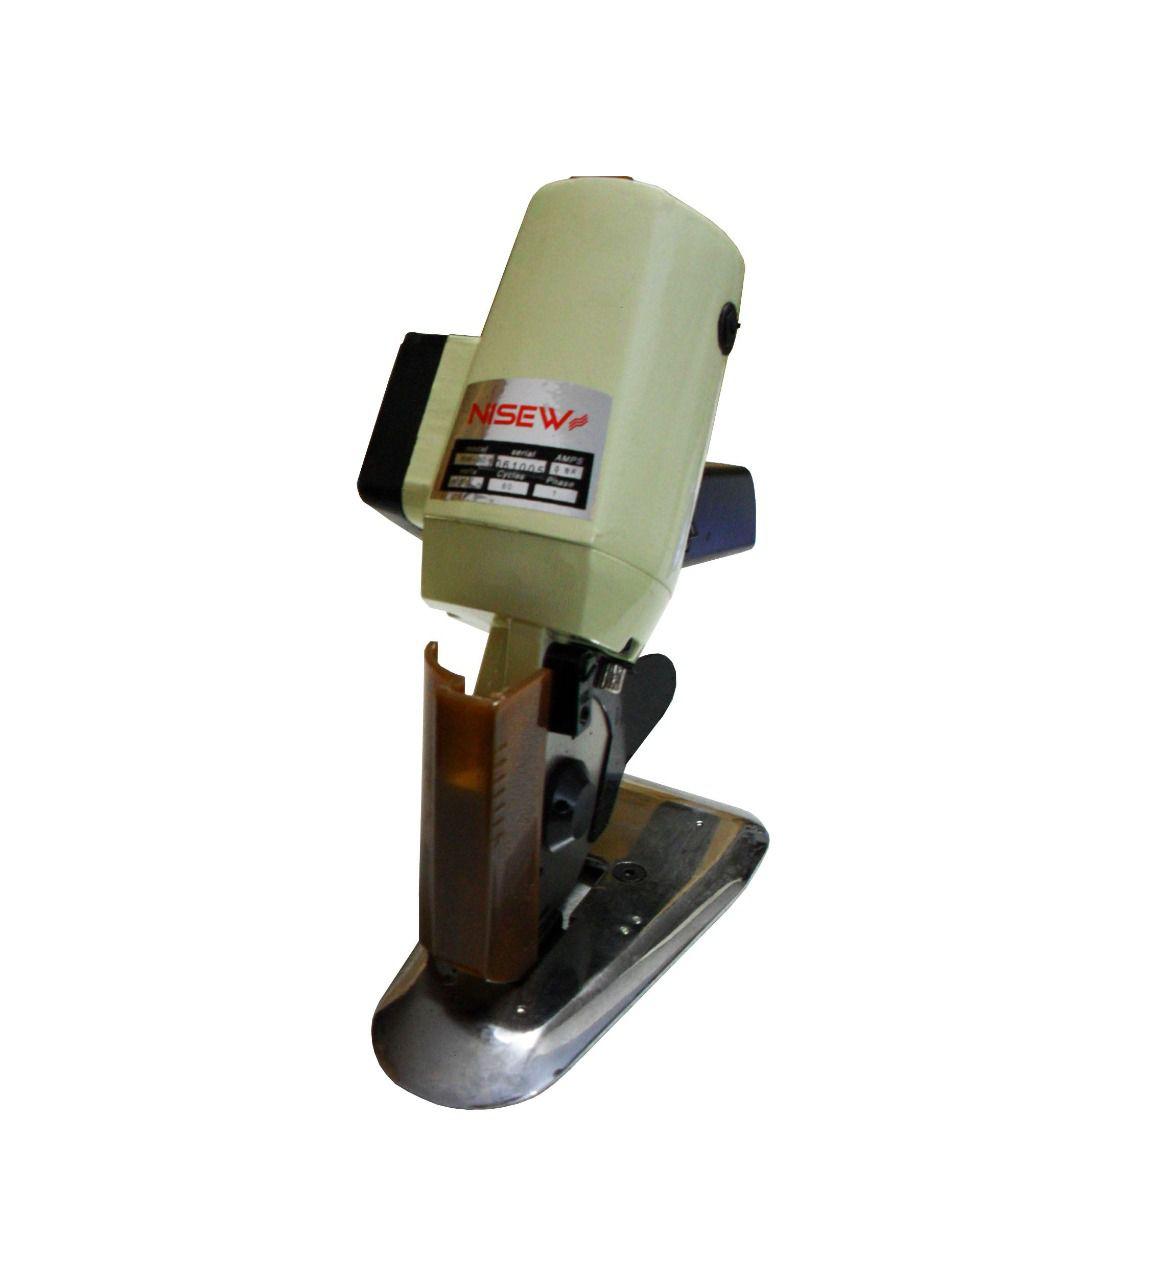 Maquina de cortar tecidos 3 polegadas com afiador automatico